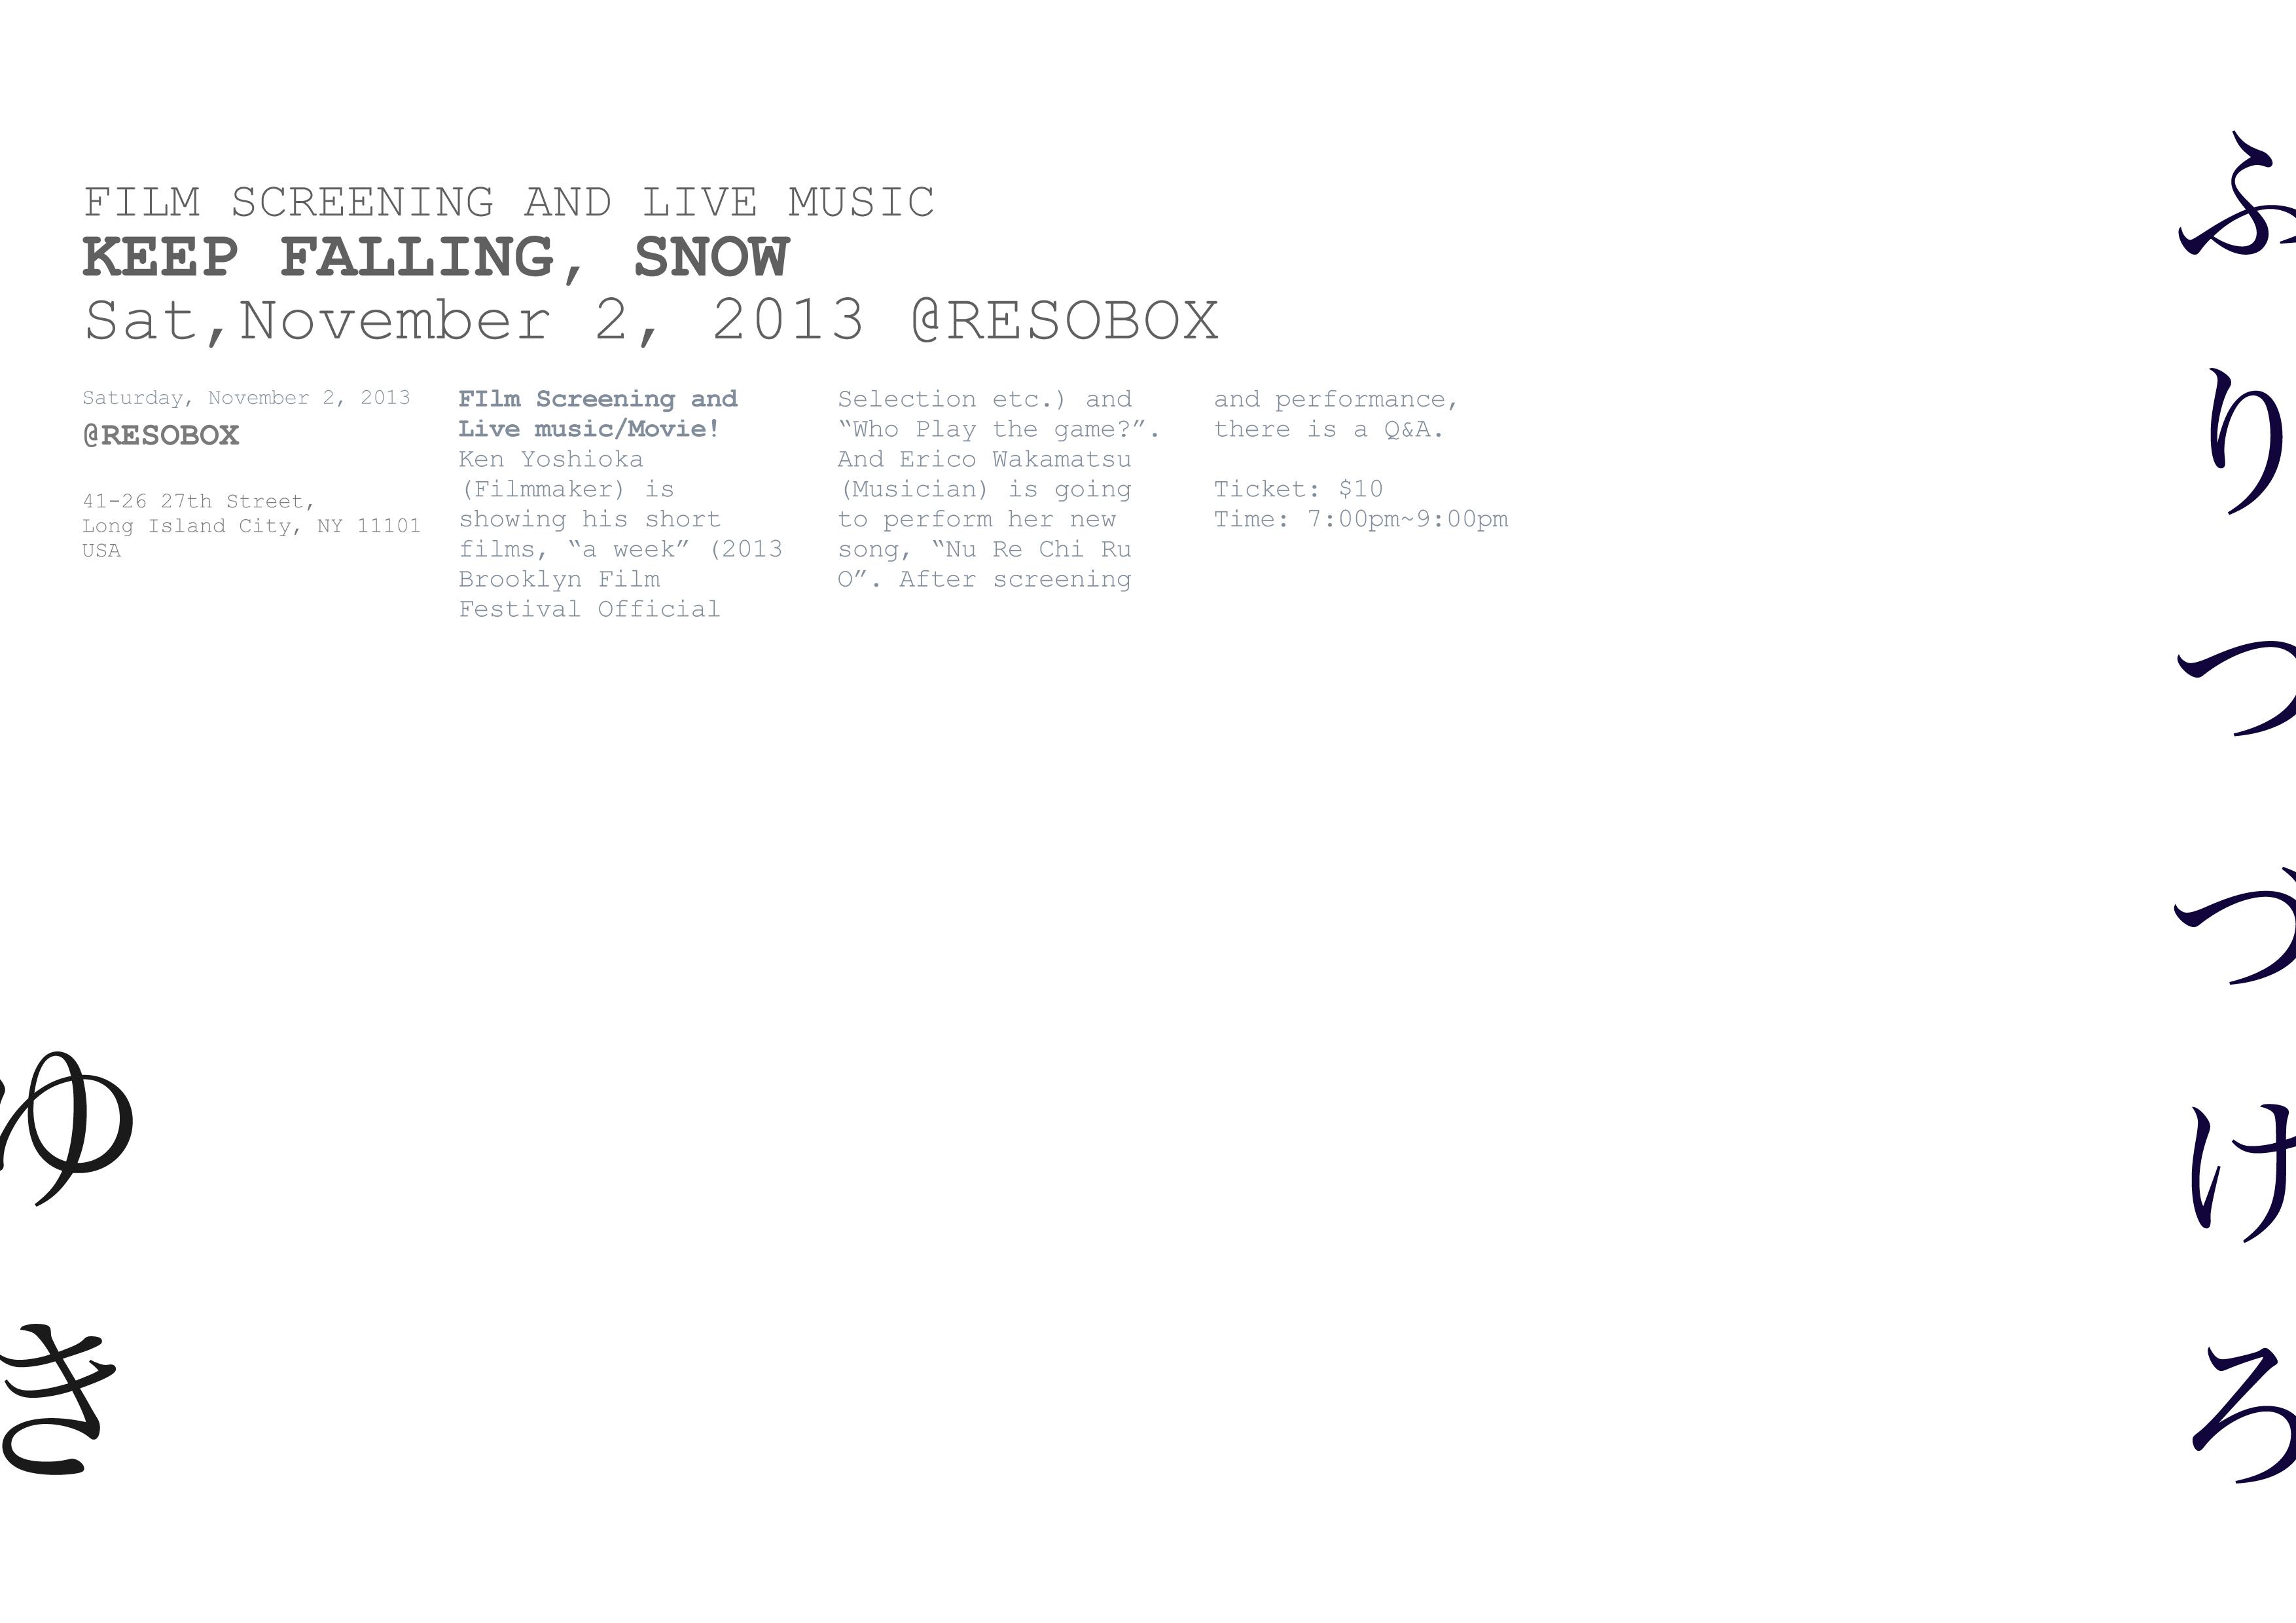 Event: Keep Fallen Snow!